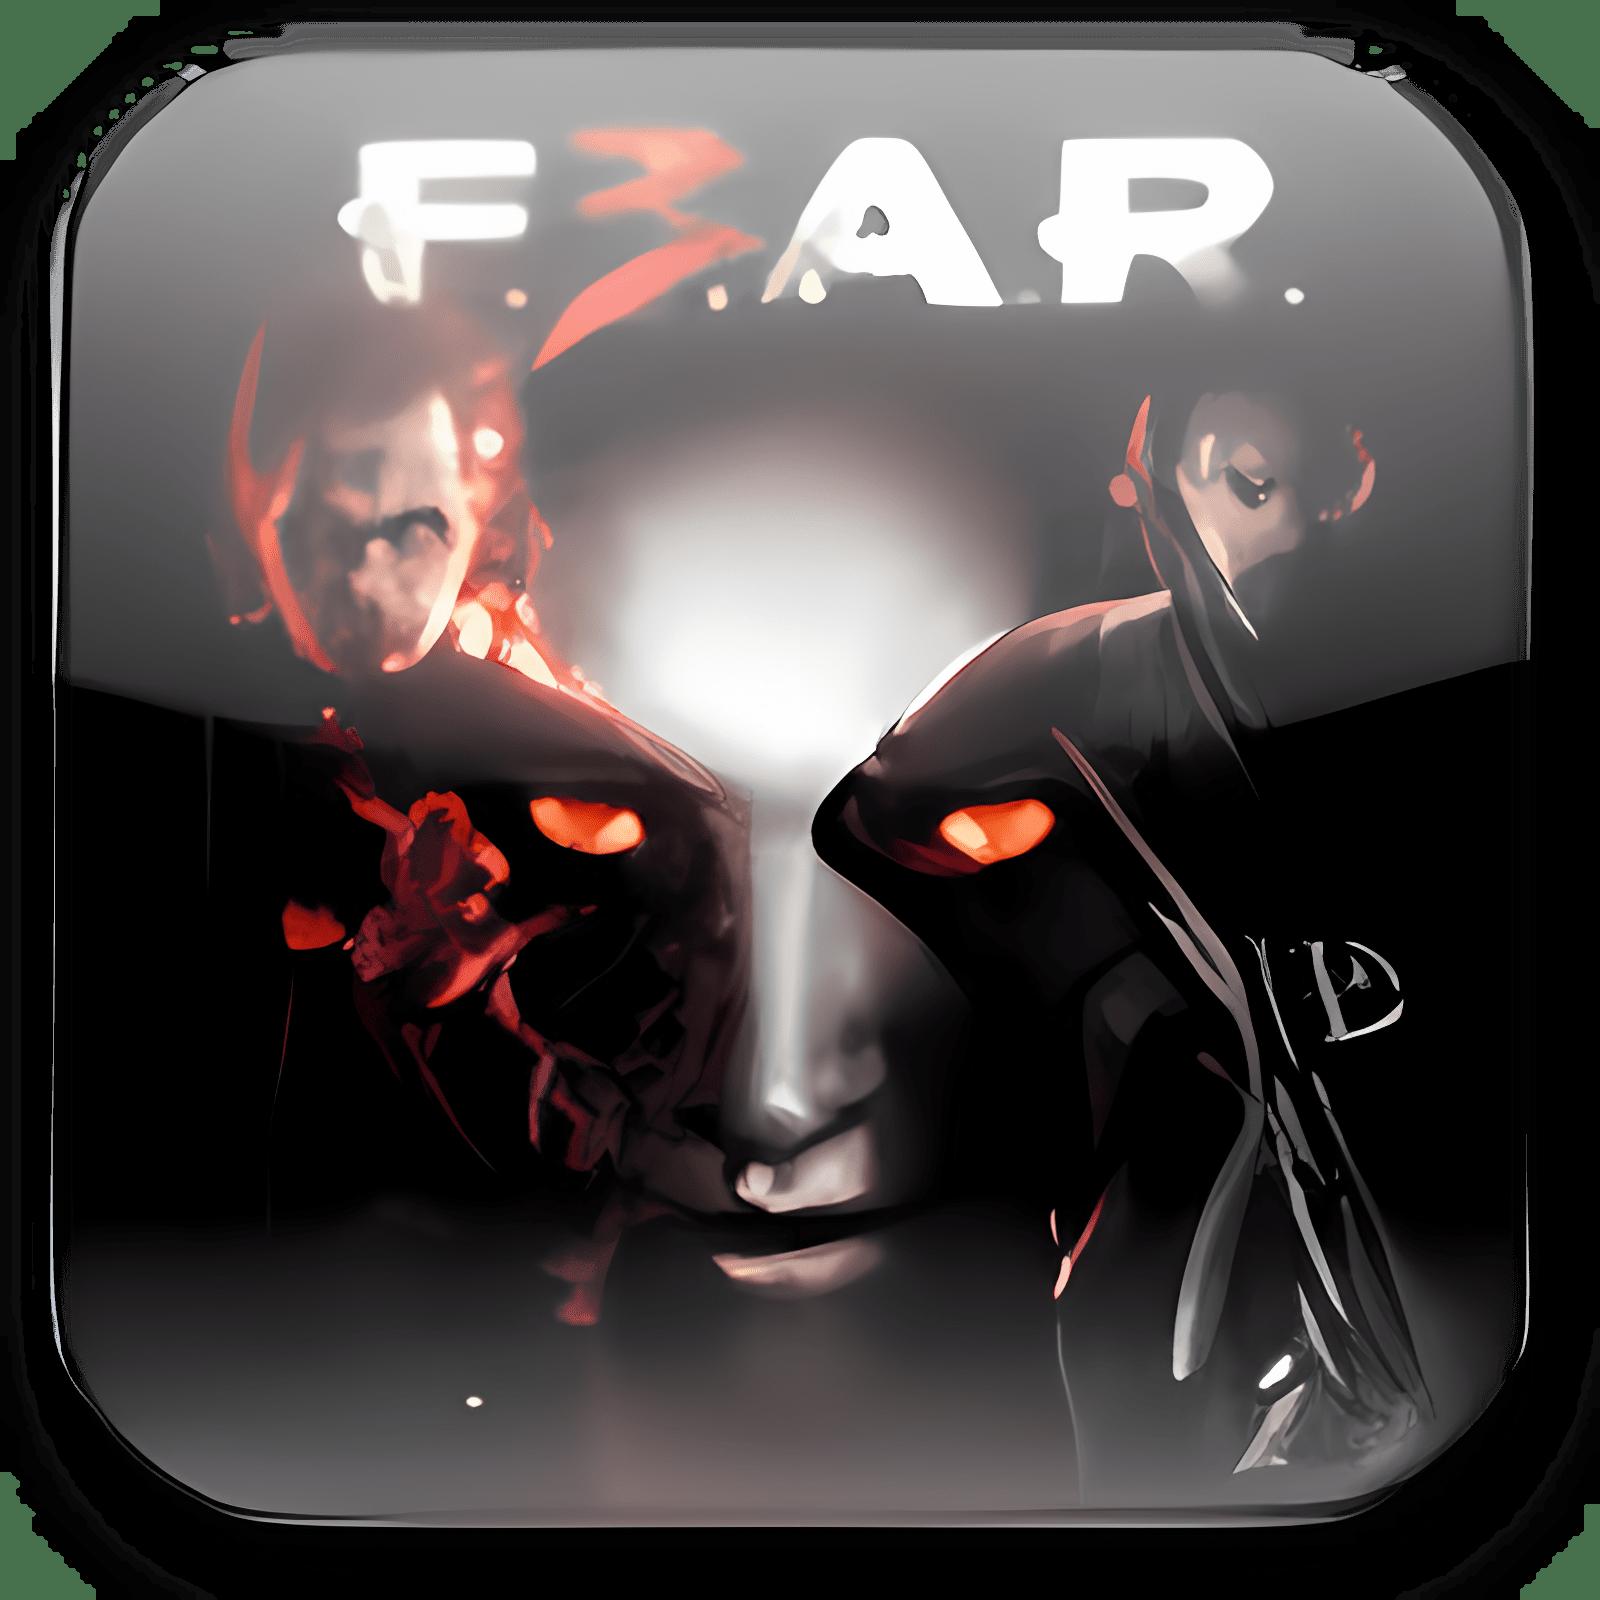 FEAR 3 F.E.A.R 3 Preview